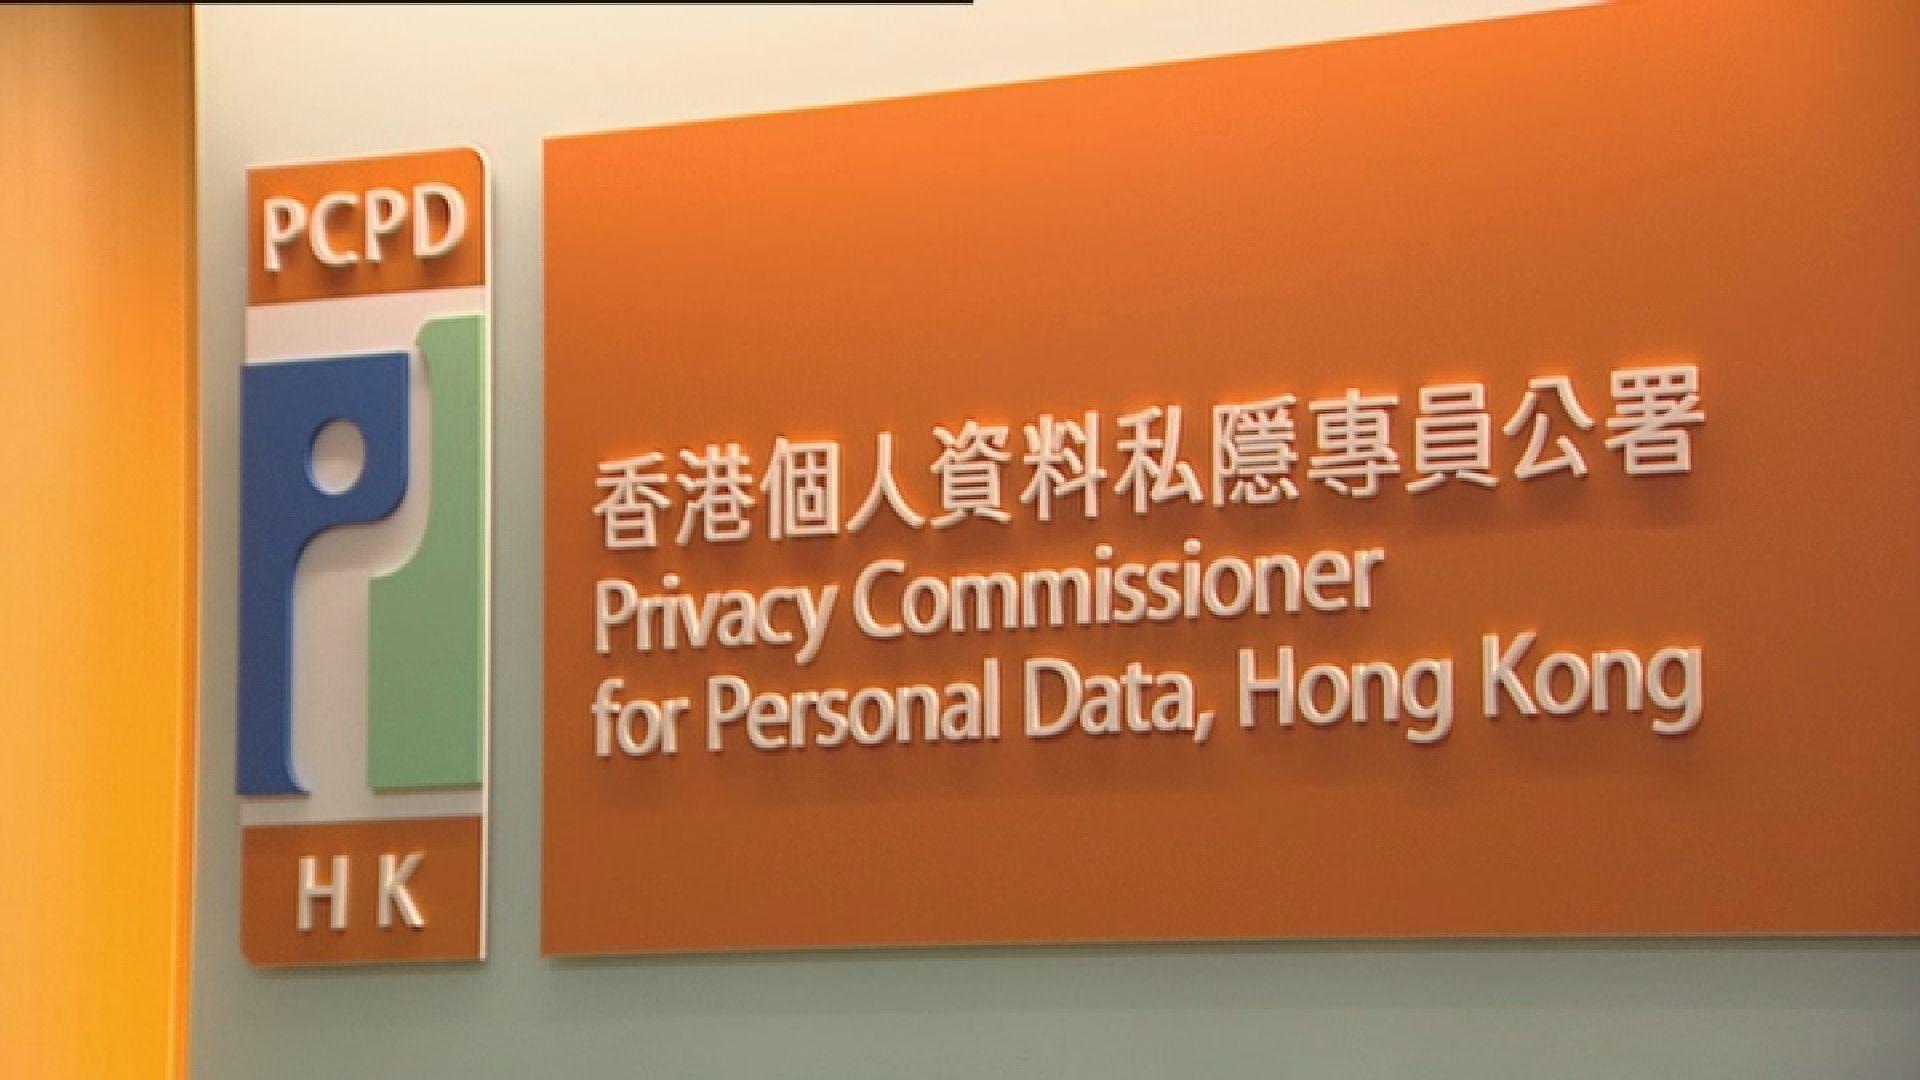 私隱專員公署:供應商須受私隱條例規管